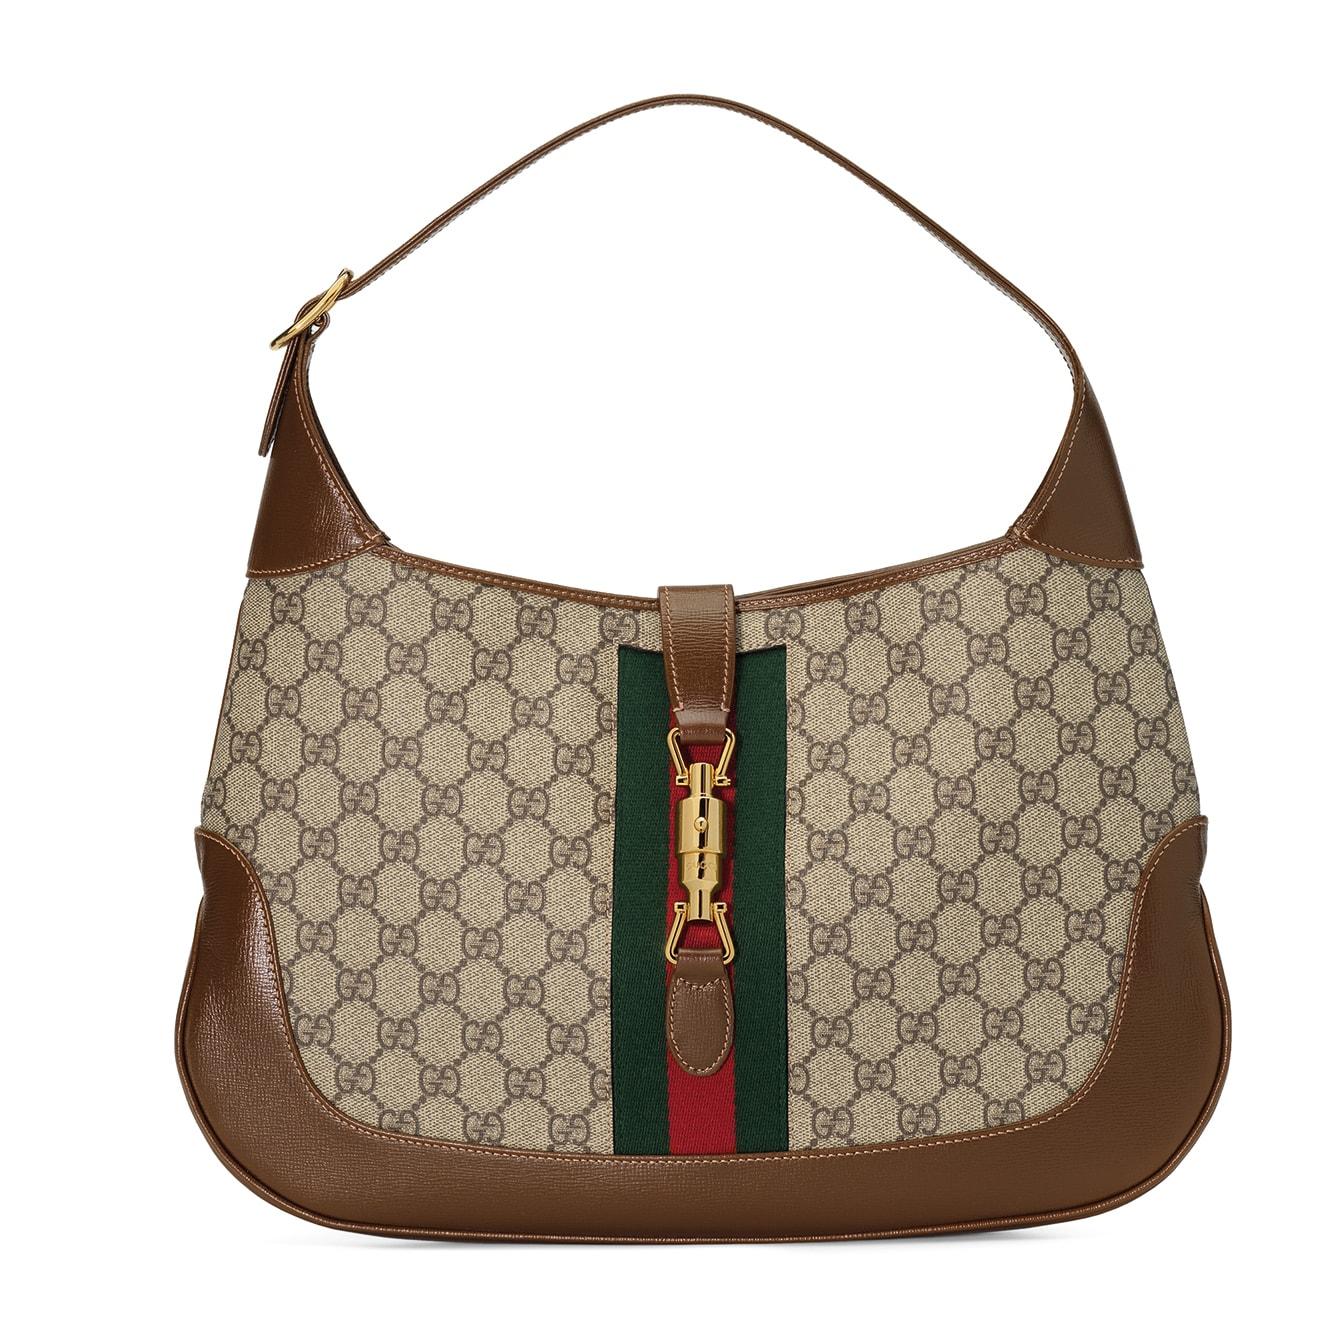 小ぶりなサイズ感が可愛い!グッチの新作バッグ「ジャッキー 1961」に注目!